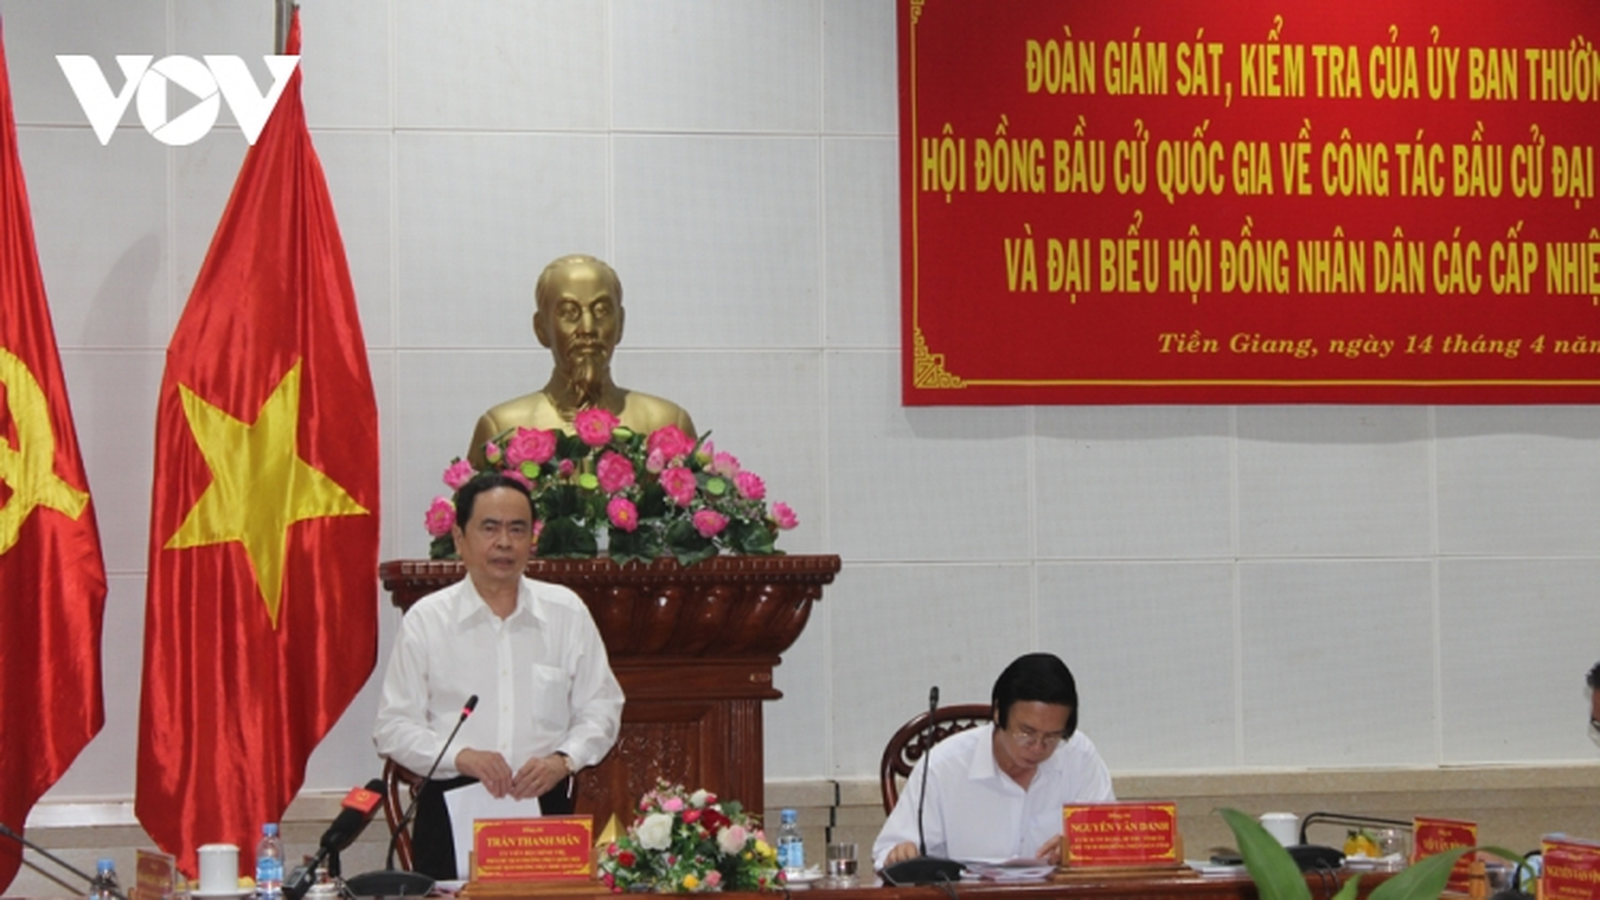 Ông Trần Thanh Mẫn: Công tác bầu cử tại Tiền Giang phải thật sự là Ngày hội của toàn dân